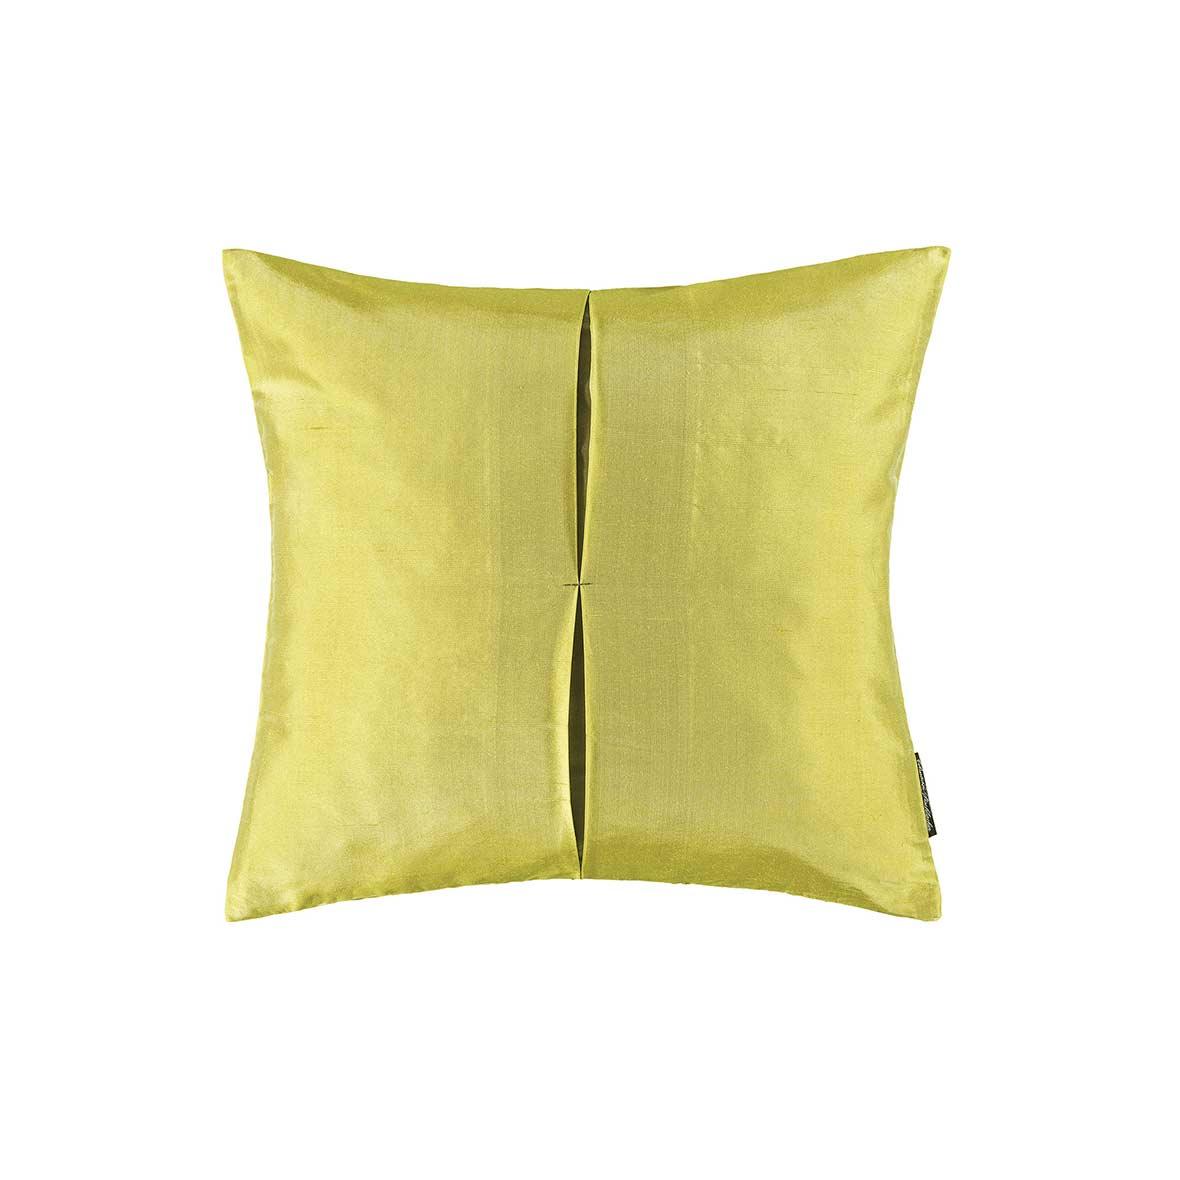 Zierkissen Jamila - Seide - Farbe gelb - Christian Fischbacher